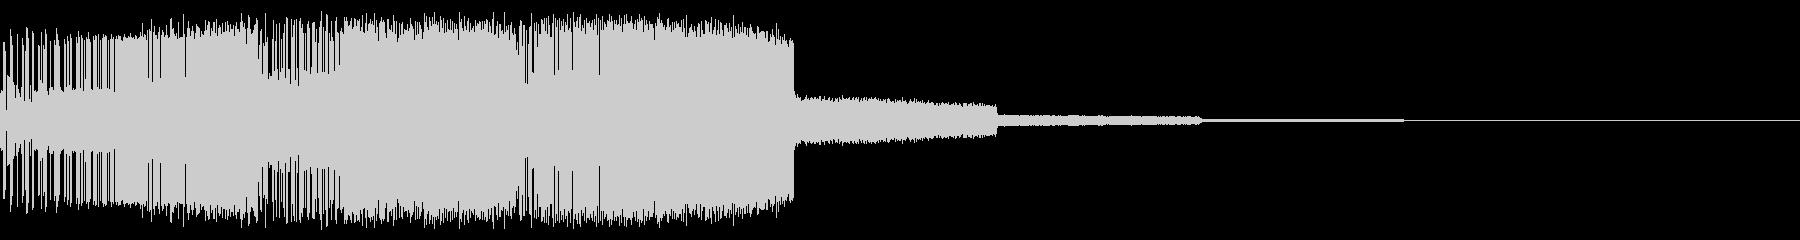 ギューイギューイン(上昇)の未再生の波形